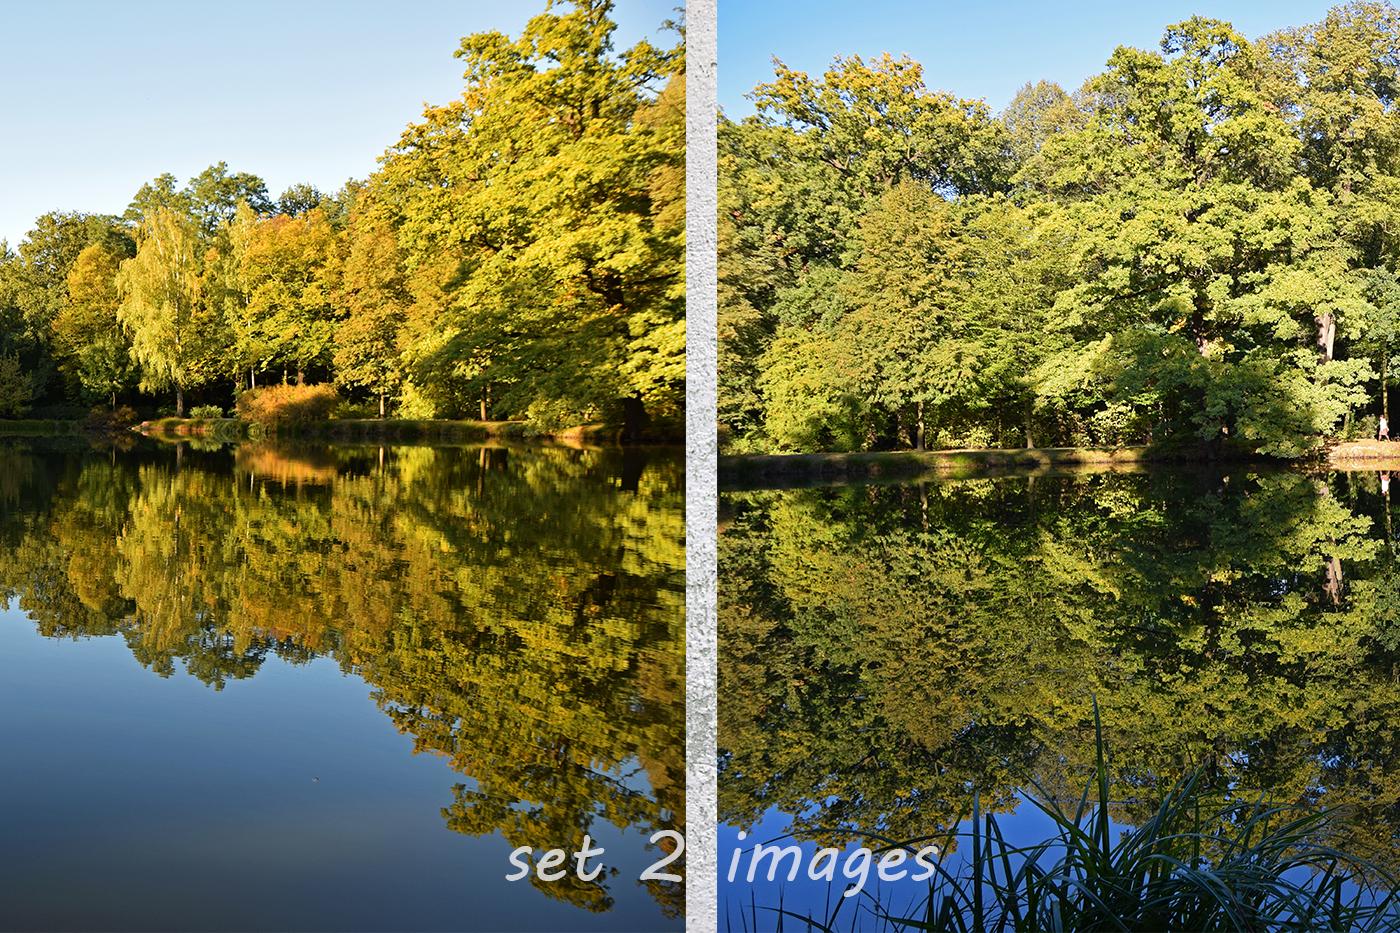 Nature photo, landscape photo, summer photo, sunset photo example image 2